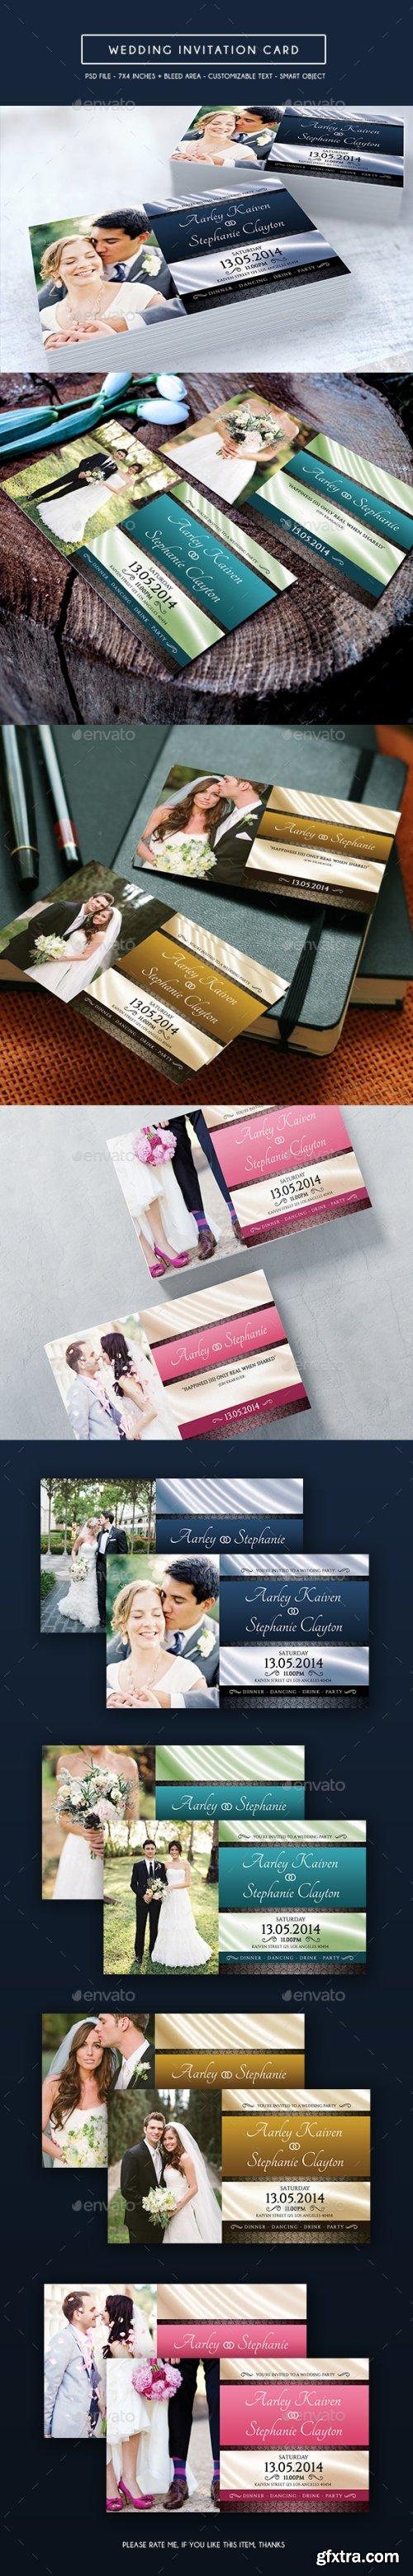 Graphicriver - Wedding Invitation Card 14207802